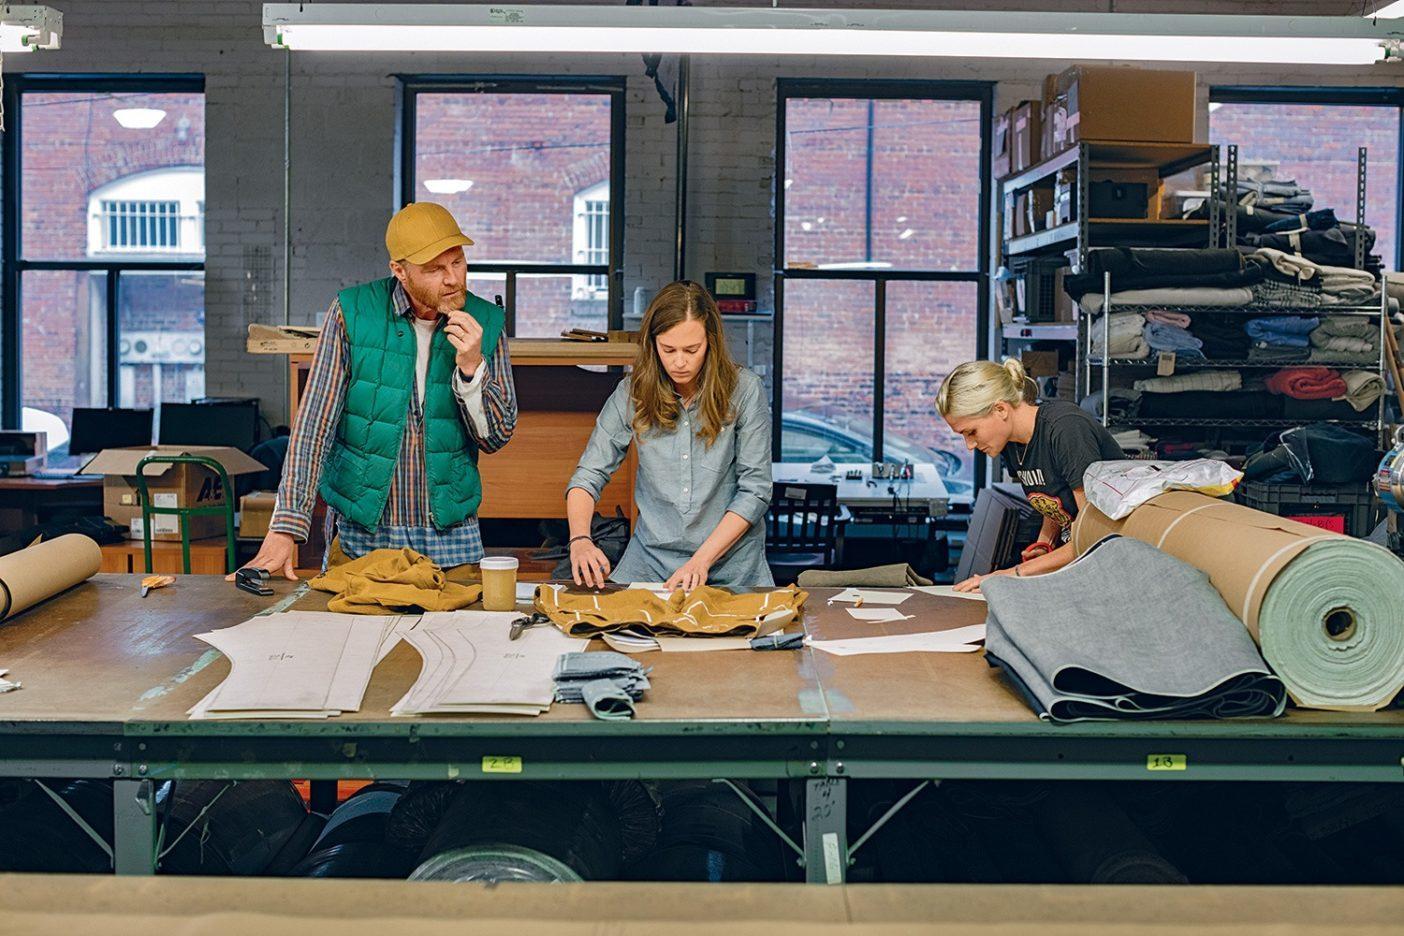 シャツから土へ:パタゴニアのデザイン理念に関する考え